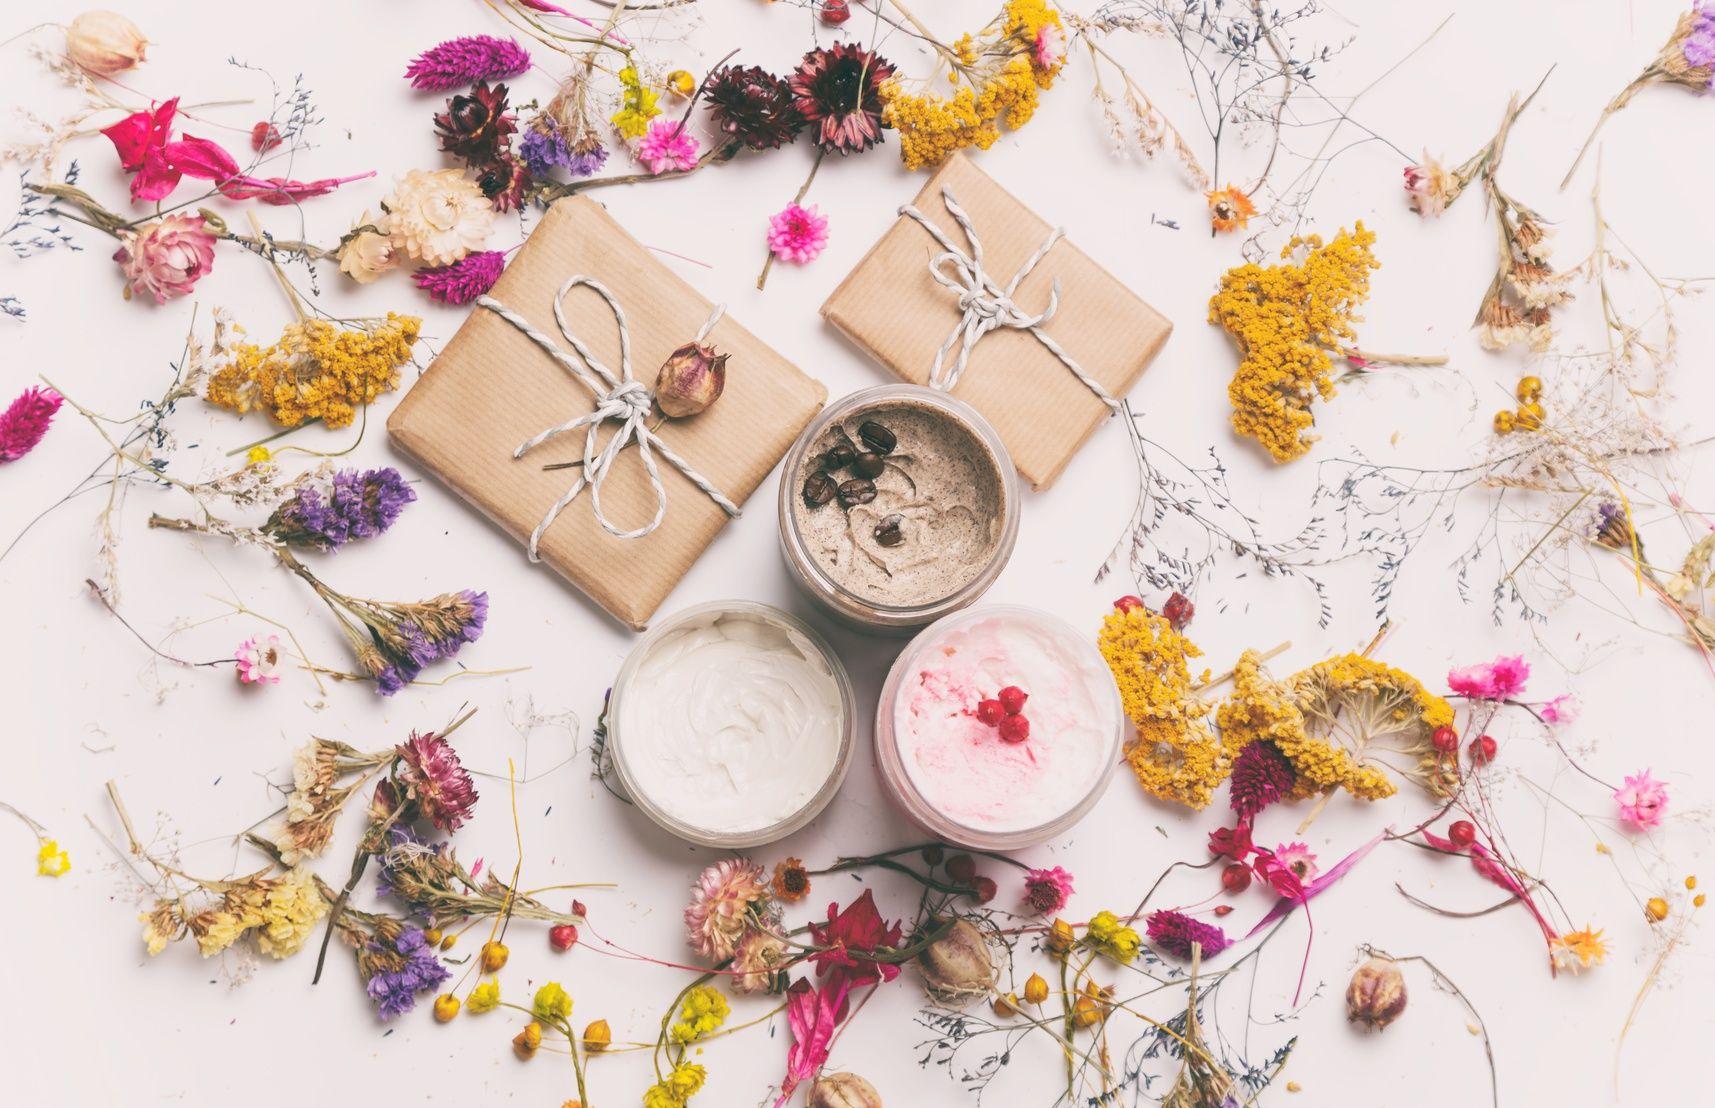 kosmetyki naturalne dobrym pomysłem na prezent